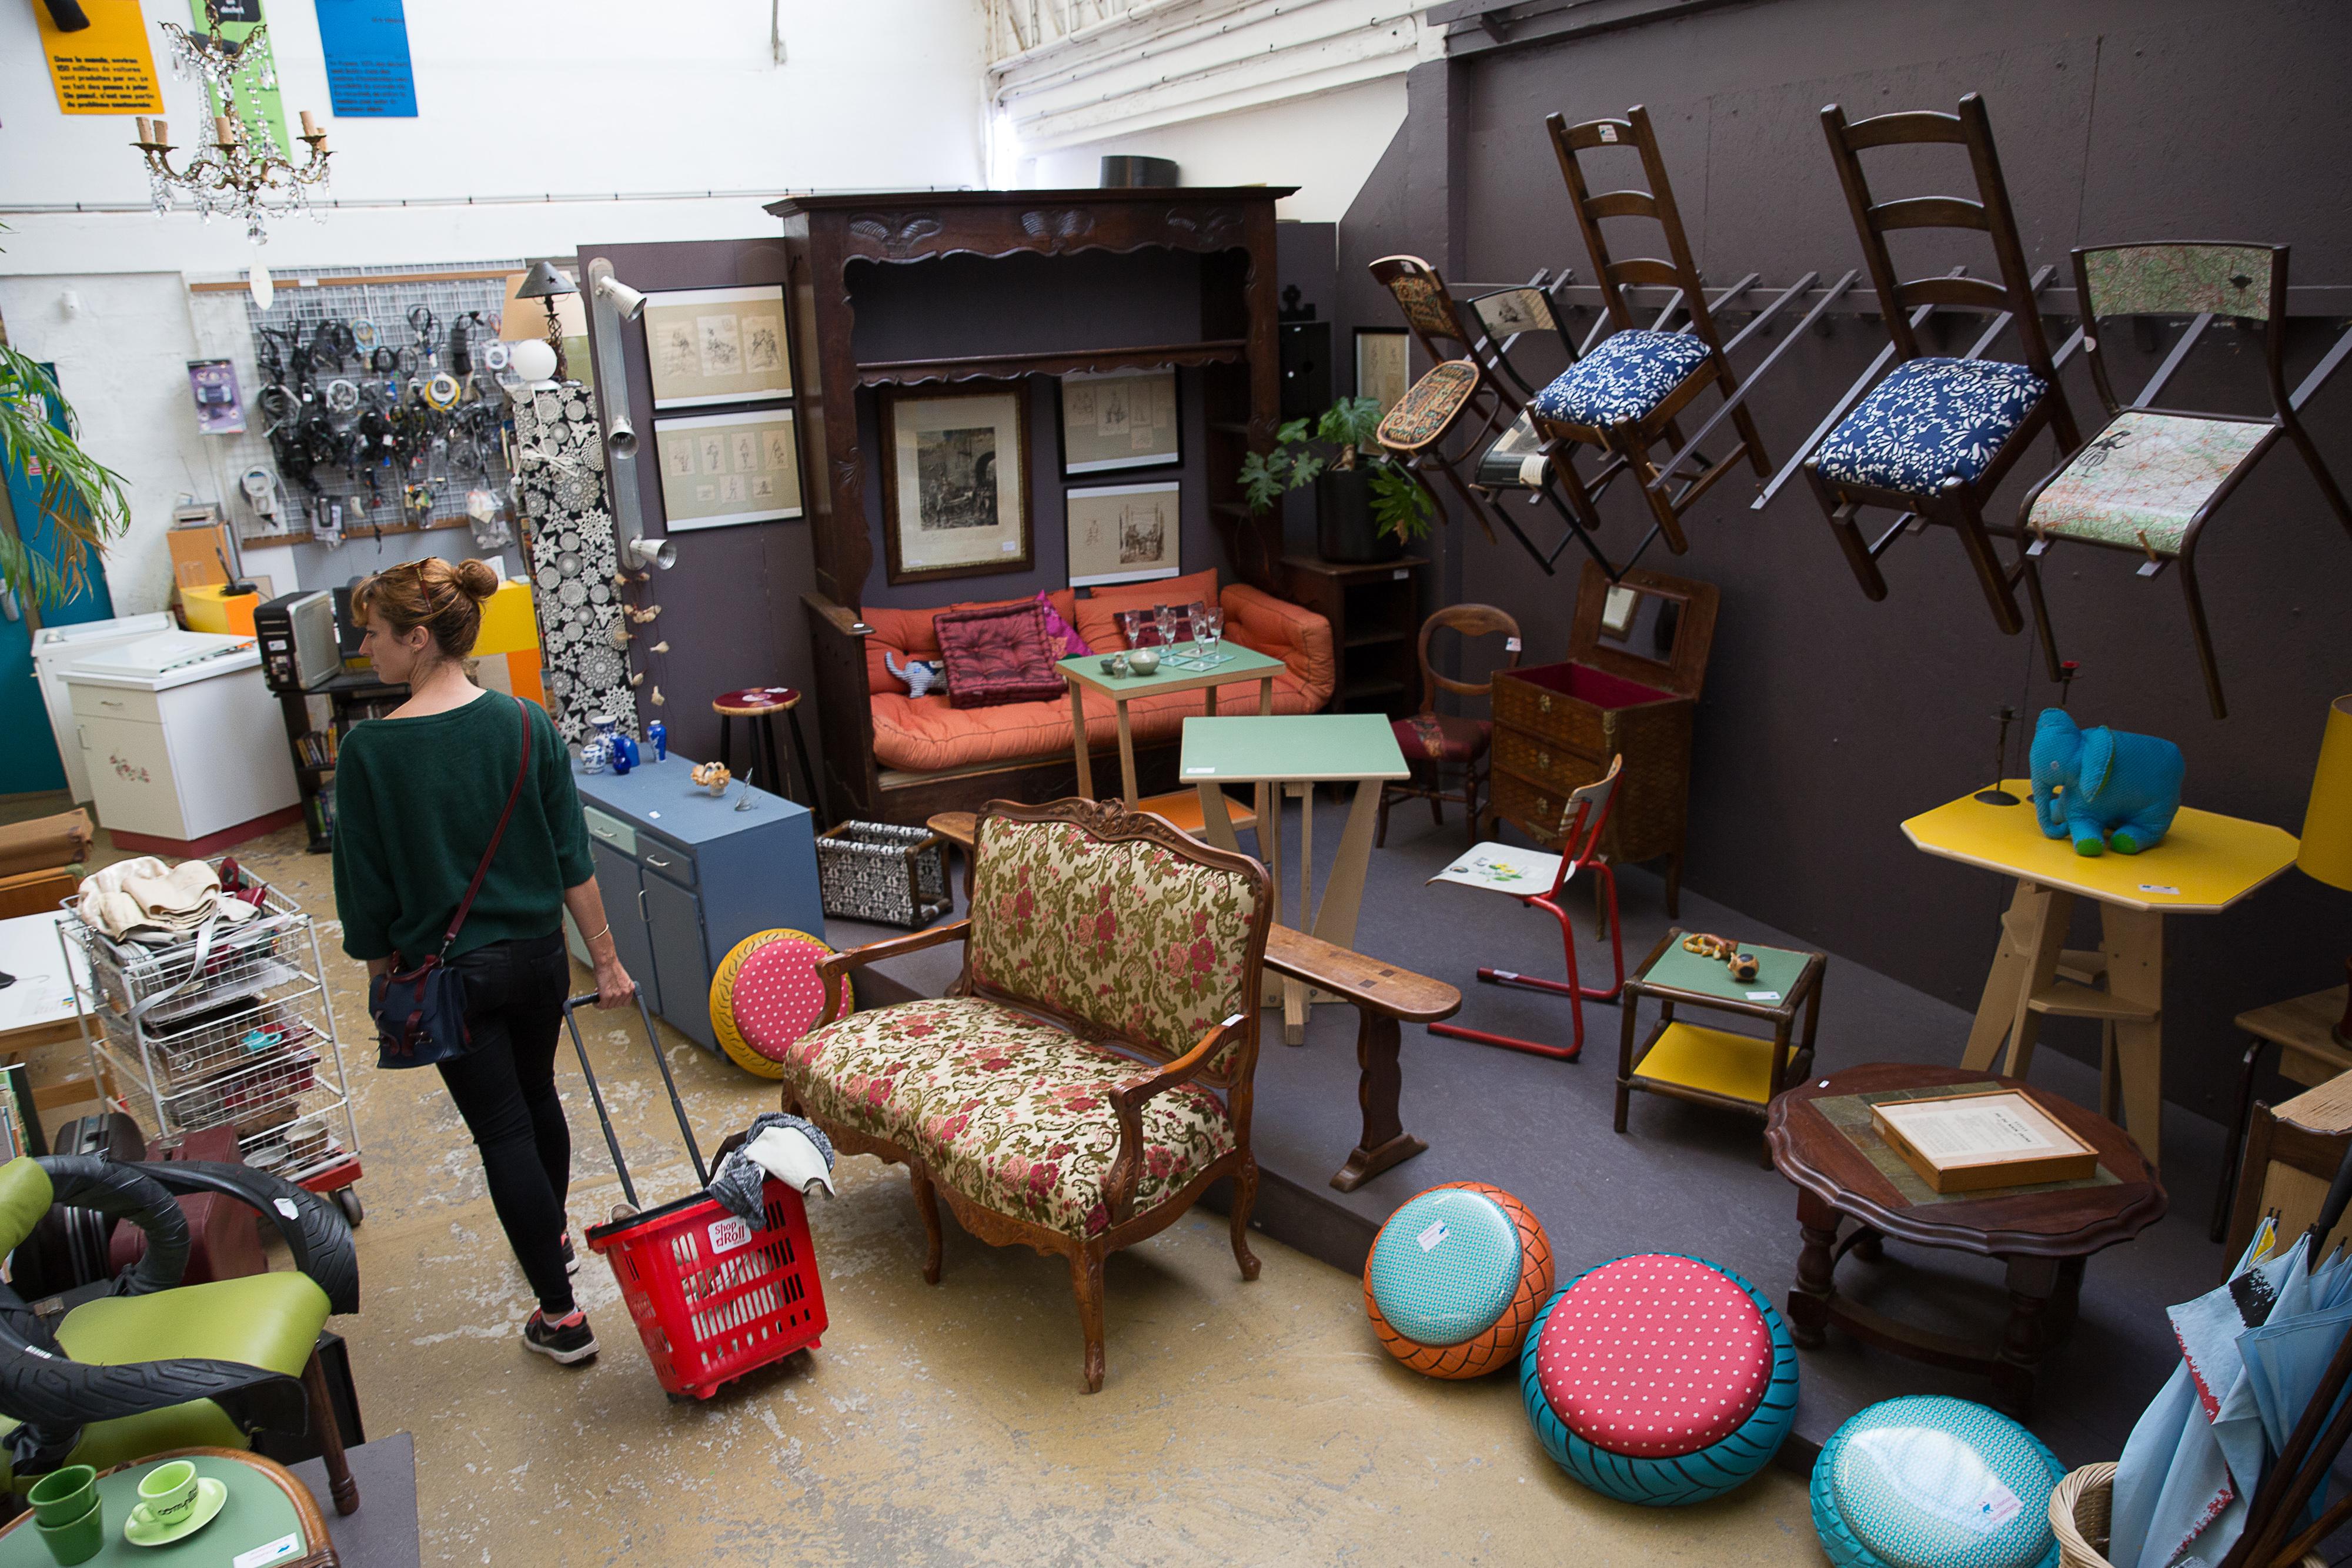 Fretbay donation collaboratif don meubles mobilier déménagement groupage